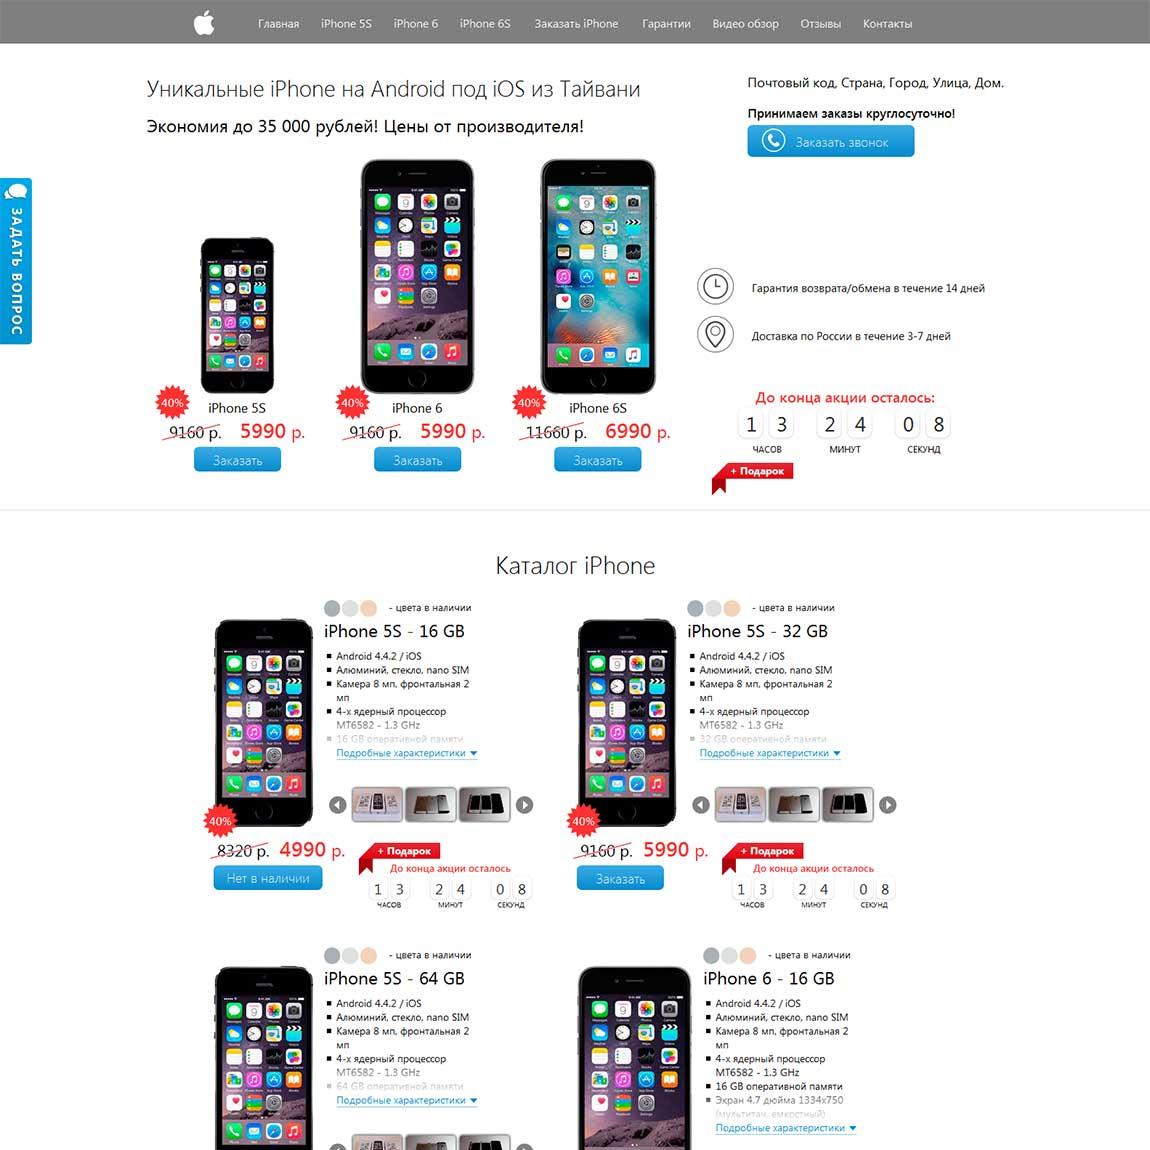 Миниатюра лендинга-каталога Iphone 5s-6-6s-6s plus 001